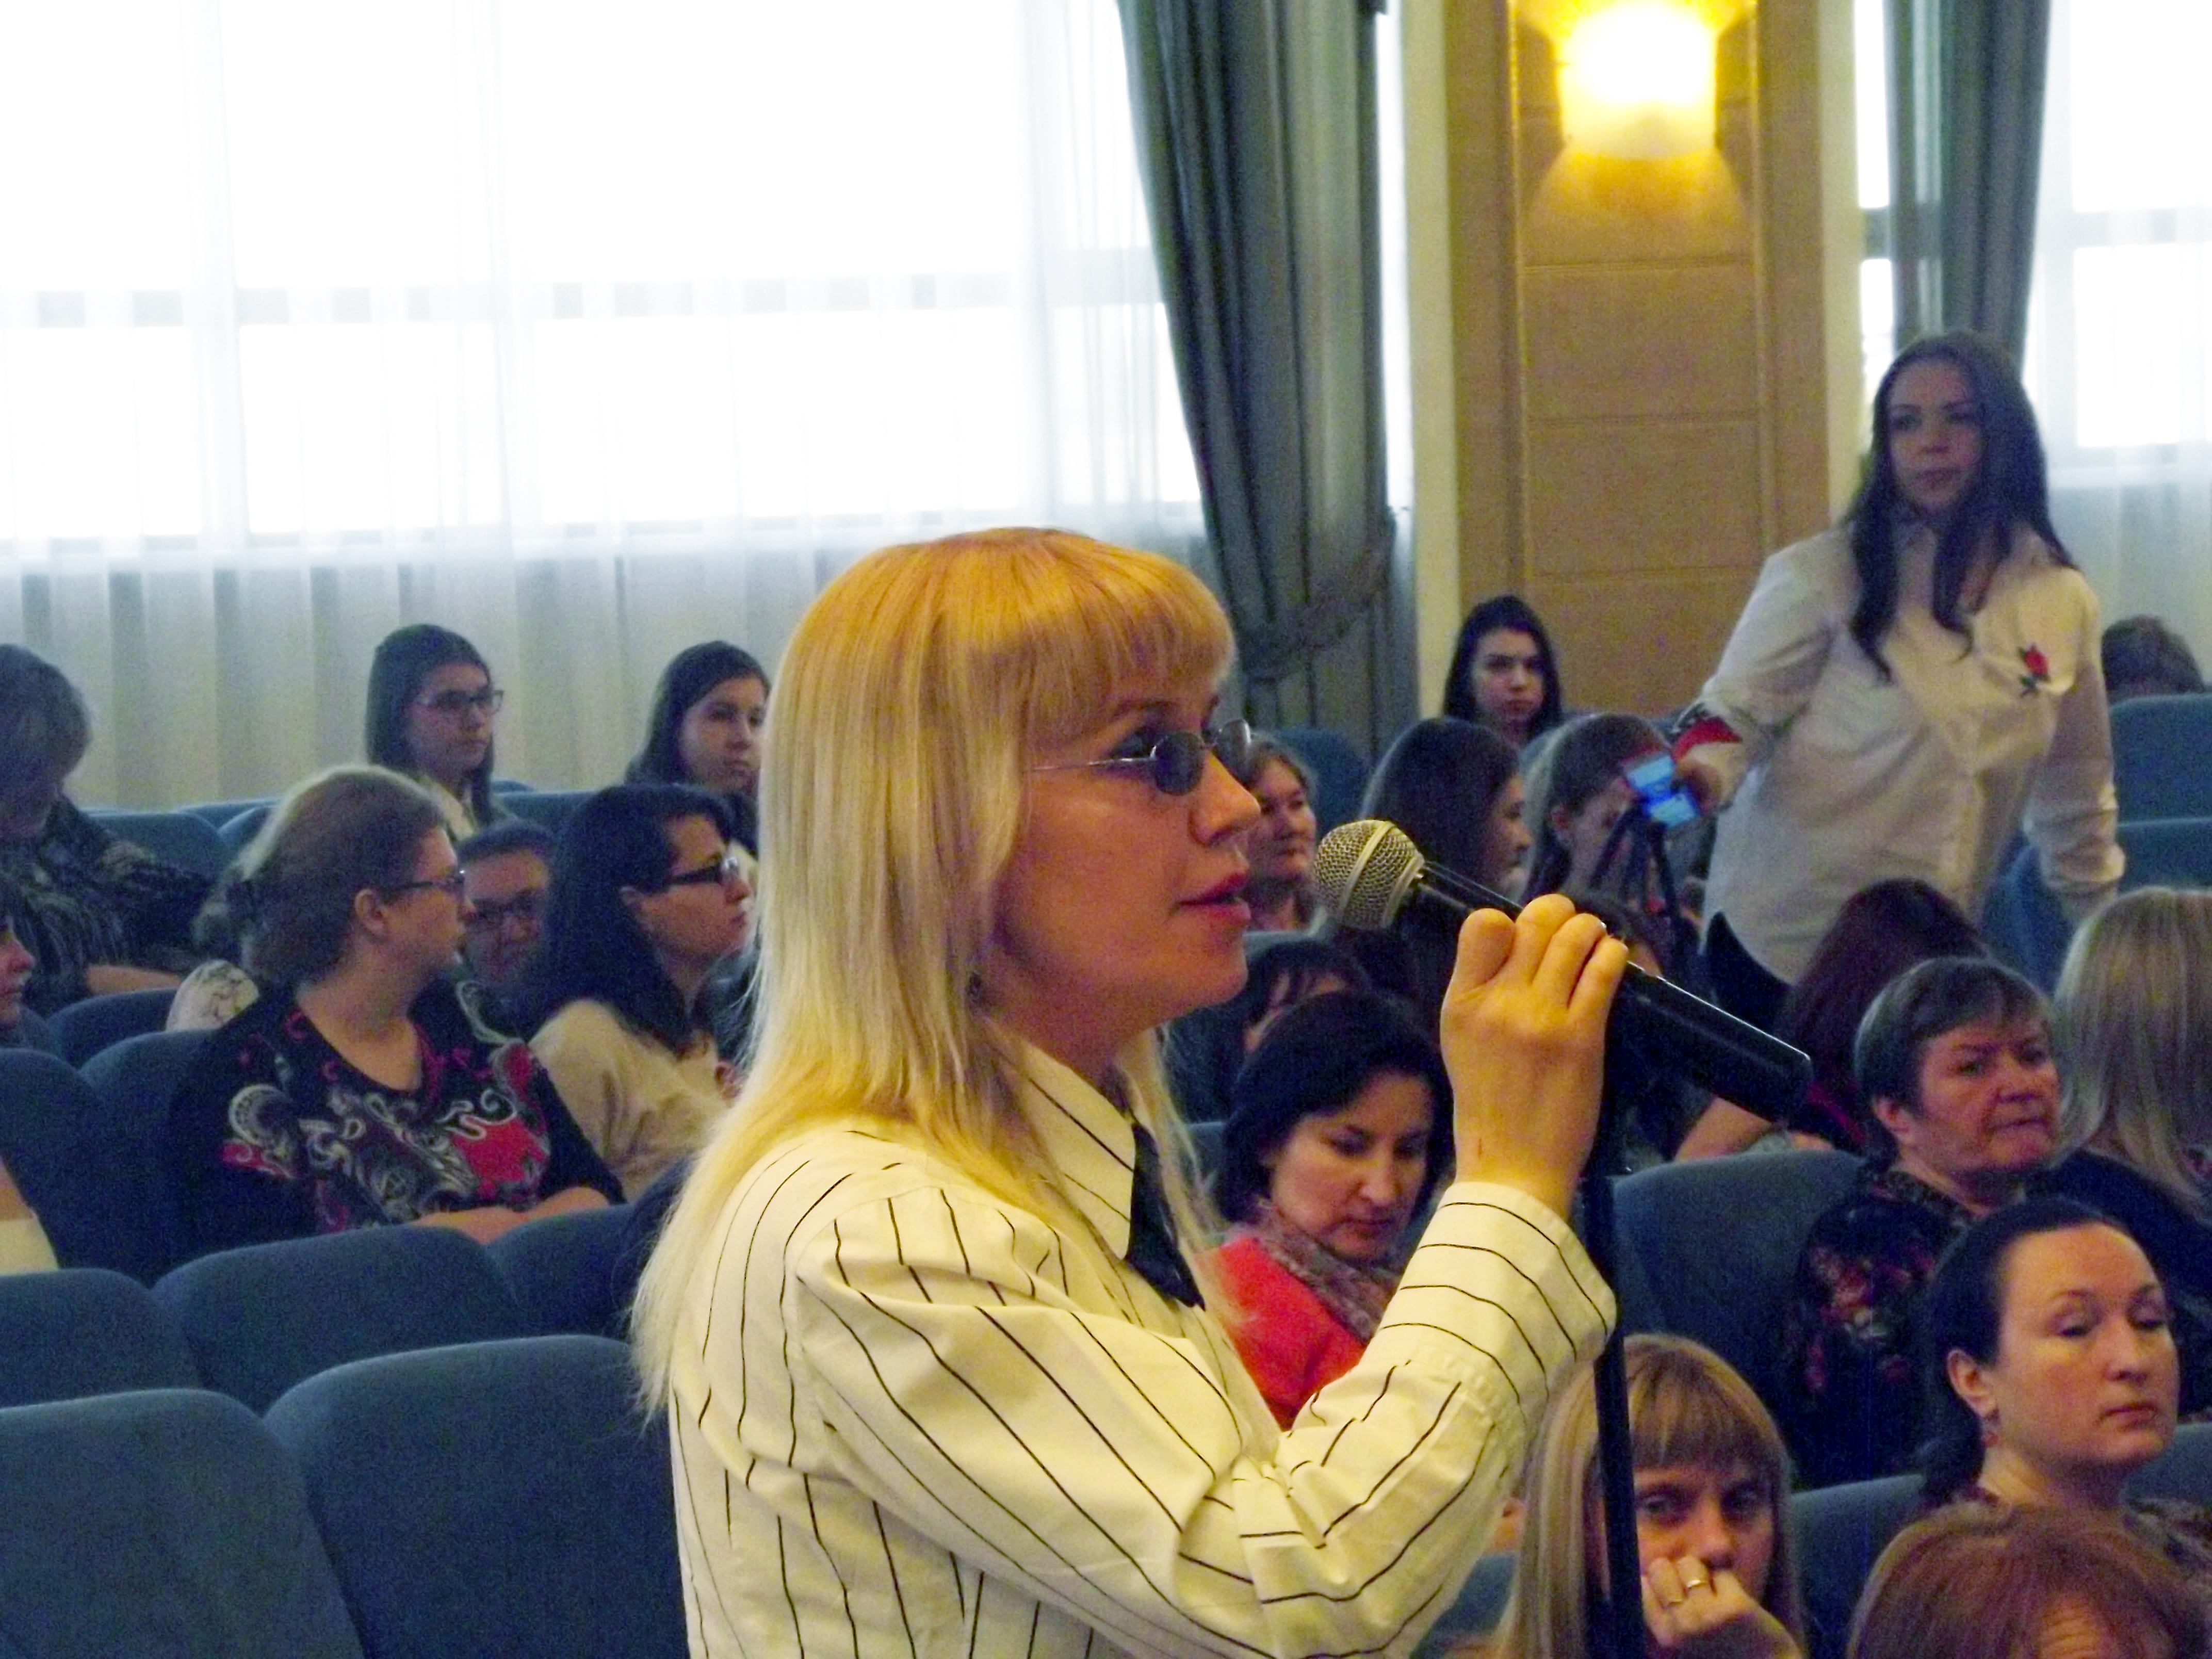 V Международная научно-практическая конференция «Преемственная система инклюзивного образования: профессиональные компетенции педагогов»